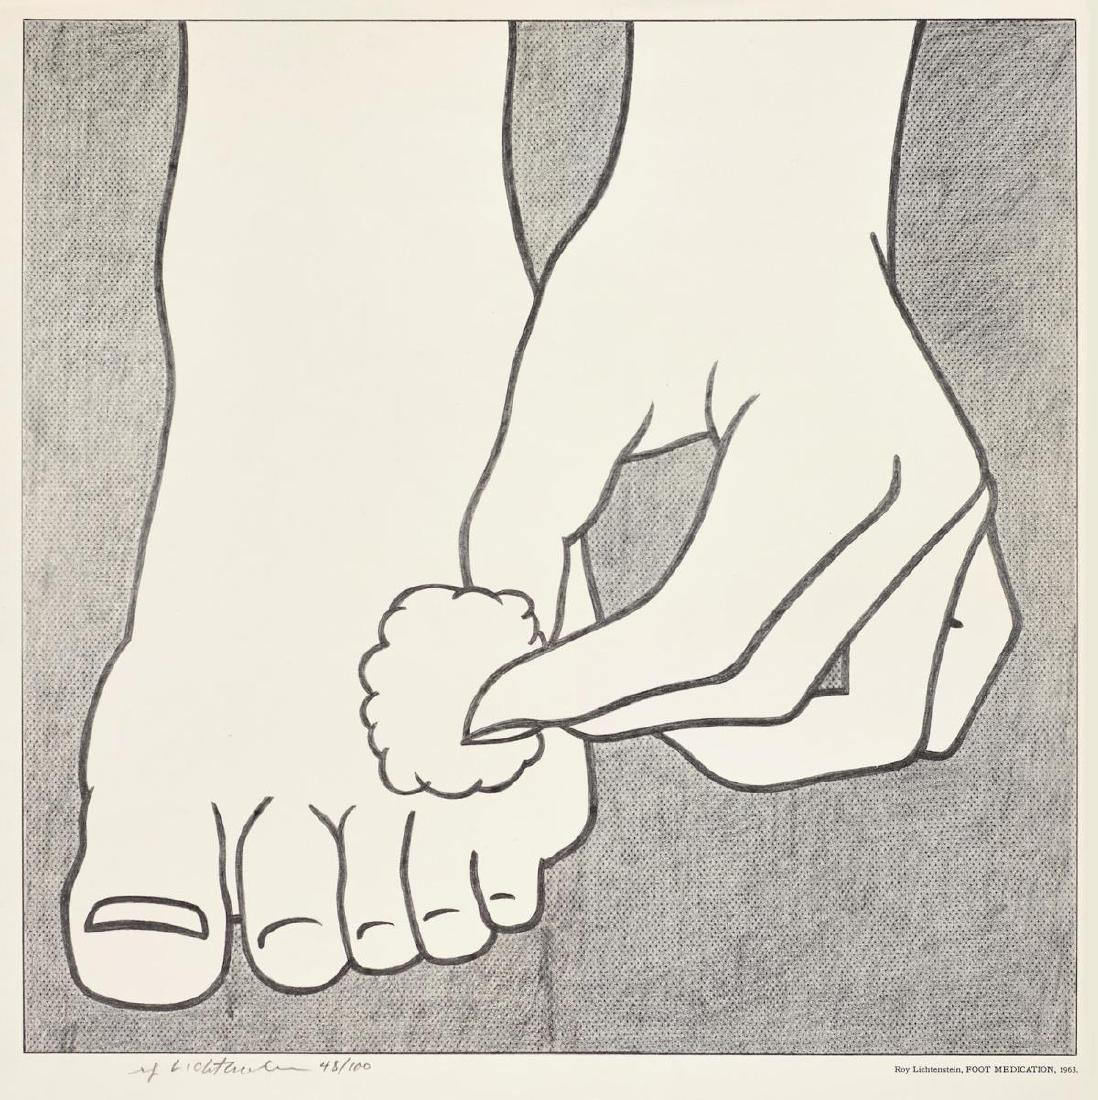 Roy Lichtenstein - Foot Medication